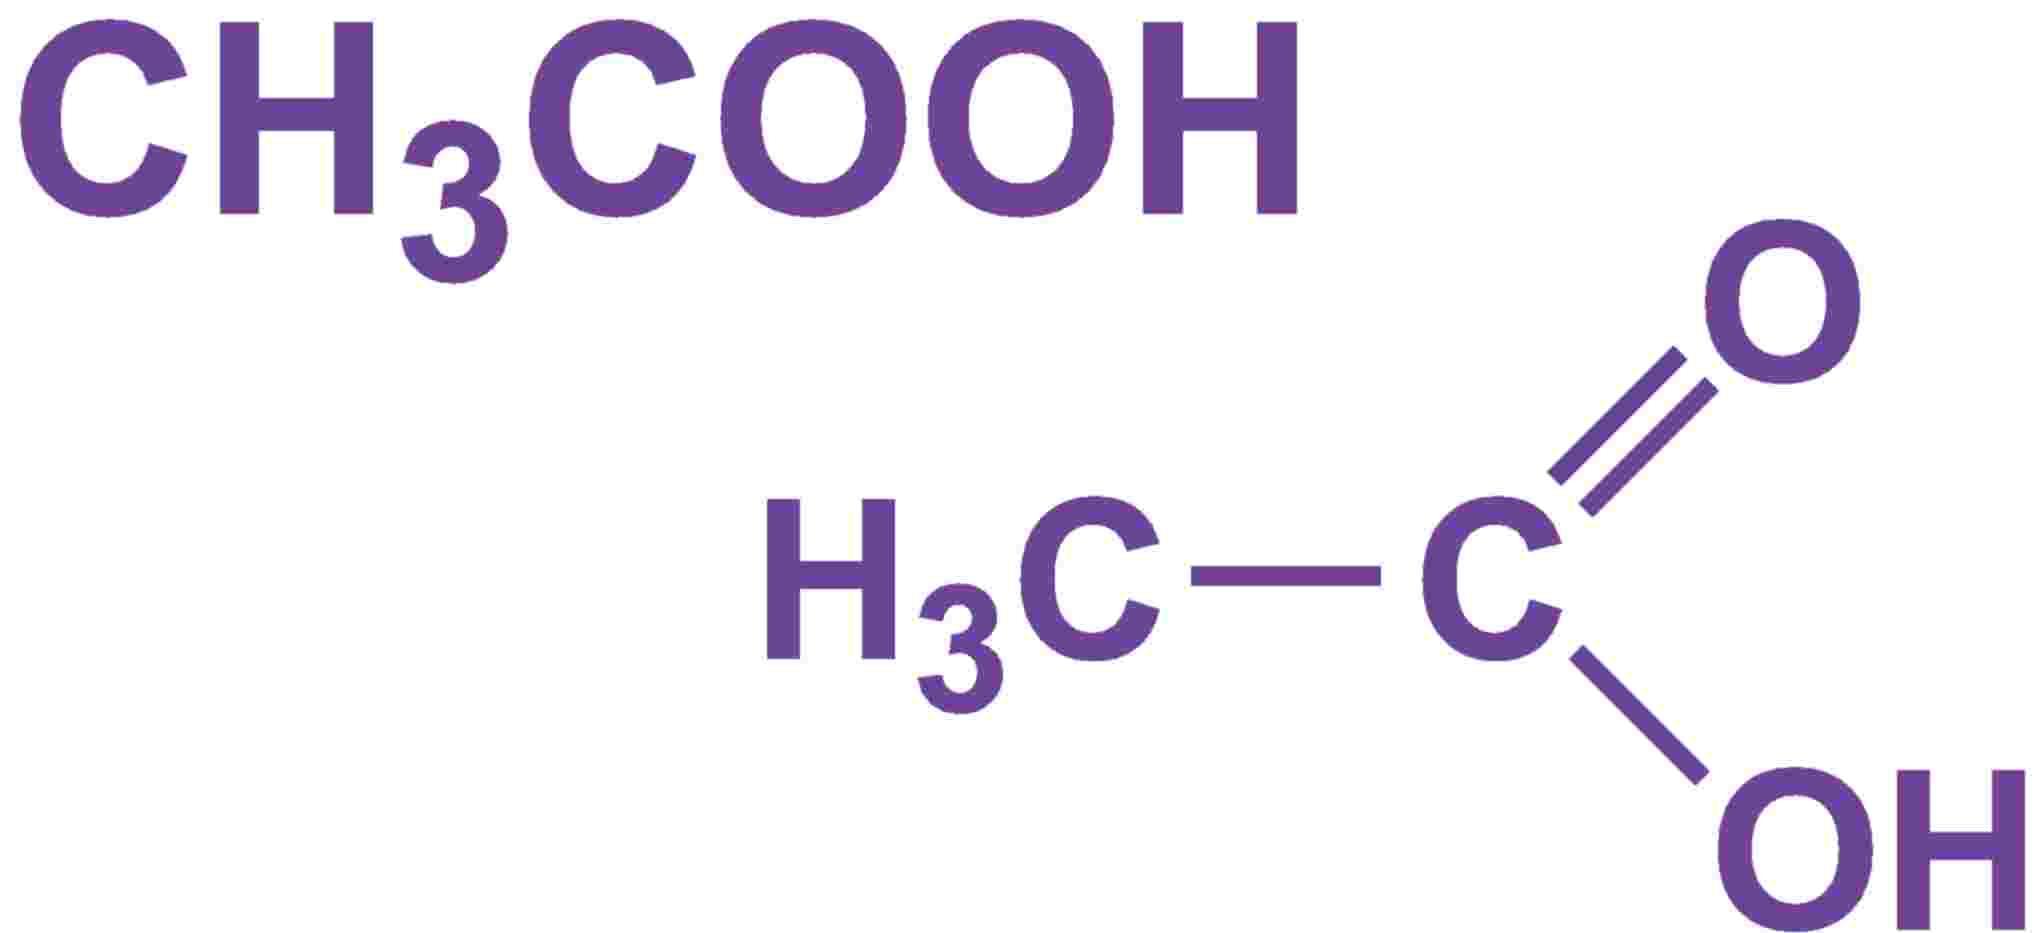 Axit axetic (CH3COOH) và các muối và este của nó